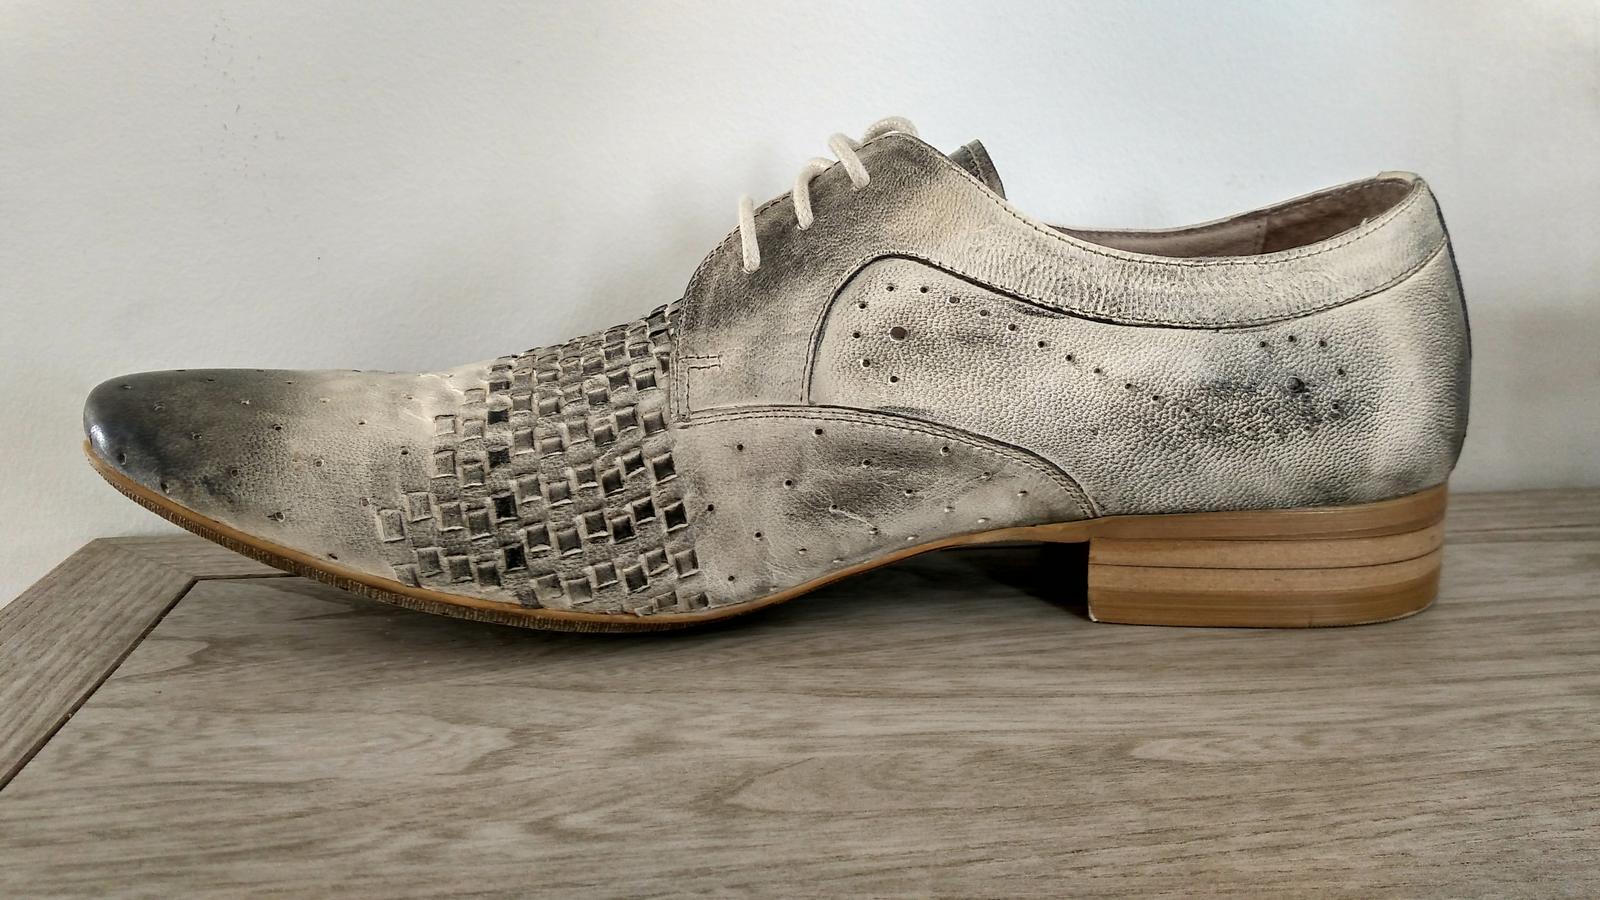 614e4eae1 Pánske spoločenské topánky, 42 - 25 € | Svadobný bazár | Mojasvadba.sk